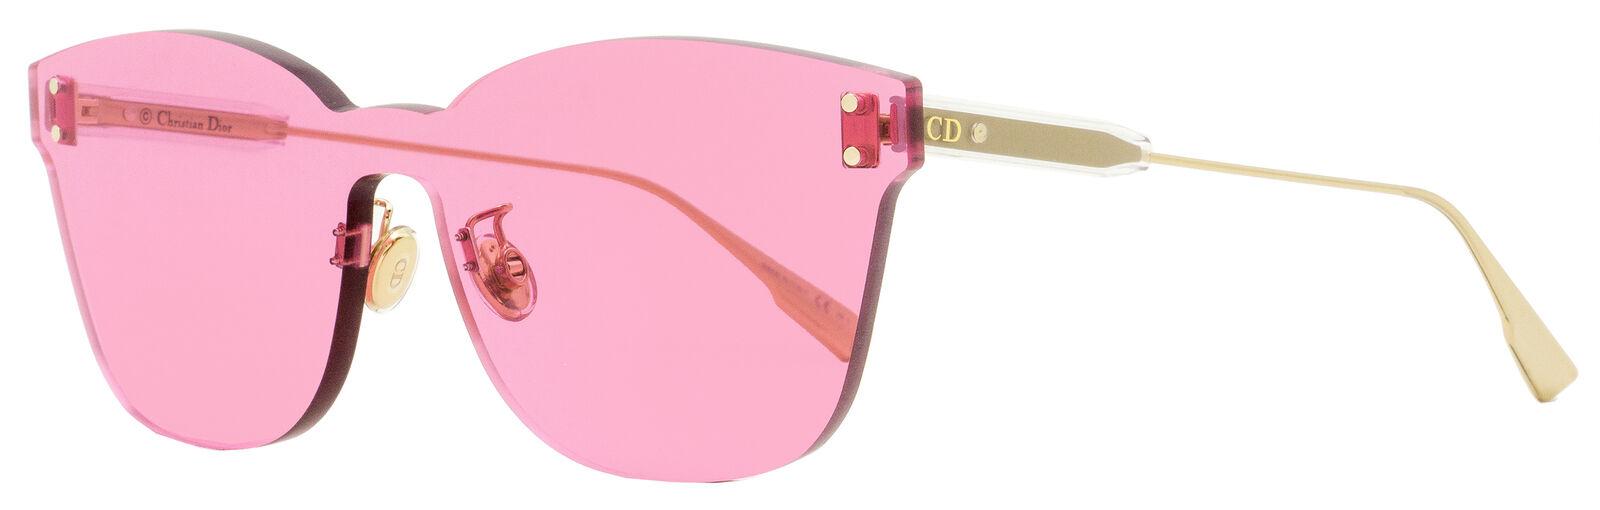 Dior Shield Sunglasses ColorQuake 2 MU1U1 Gold 99mm